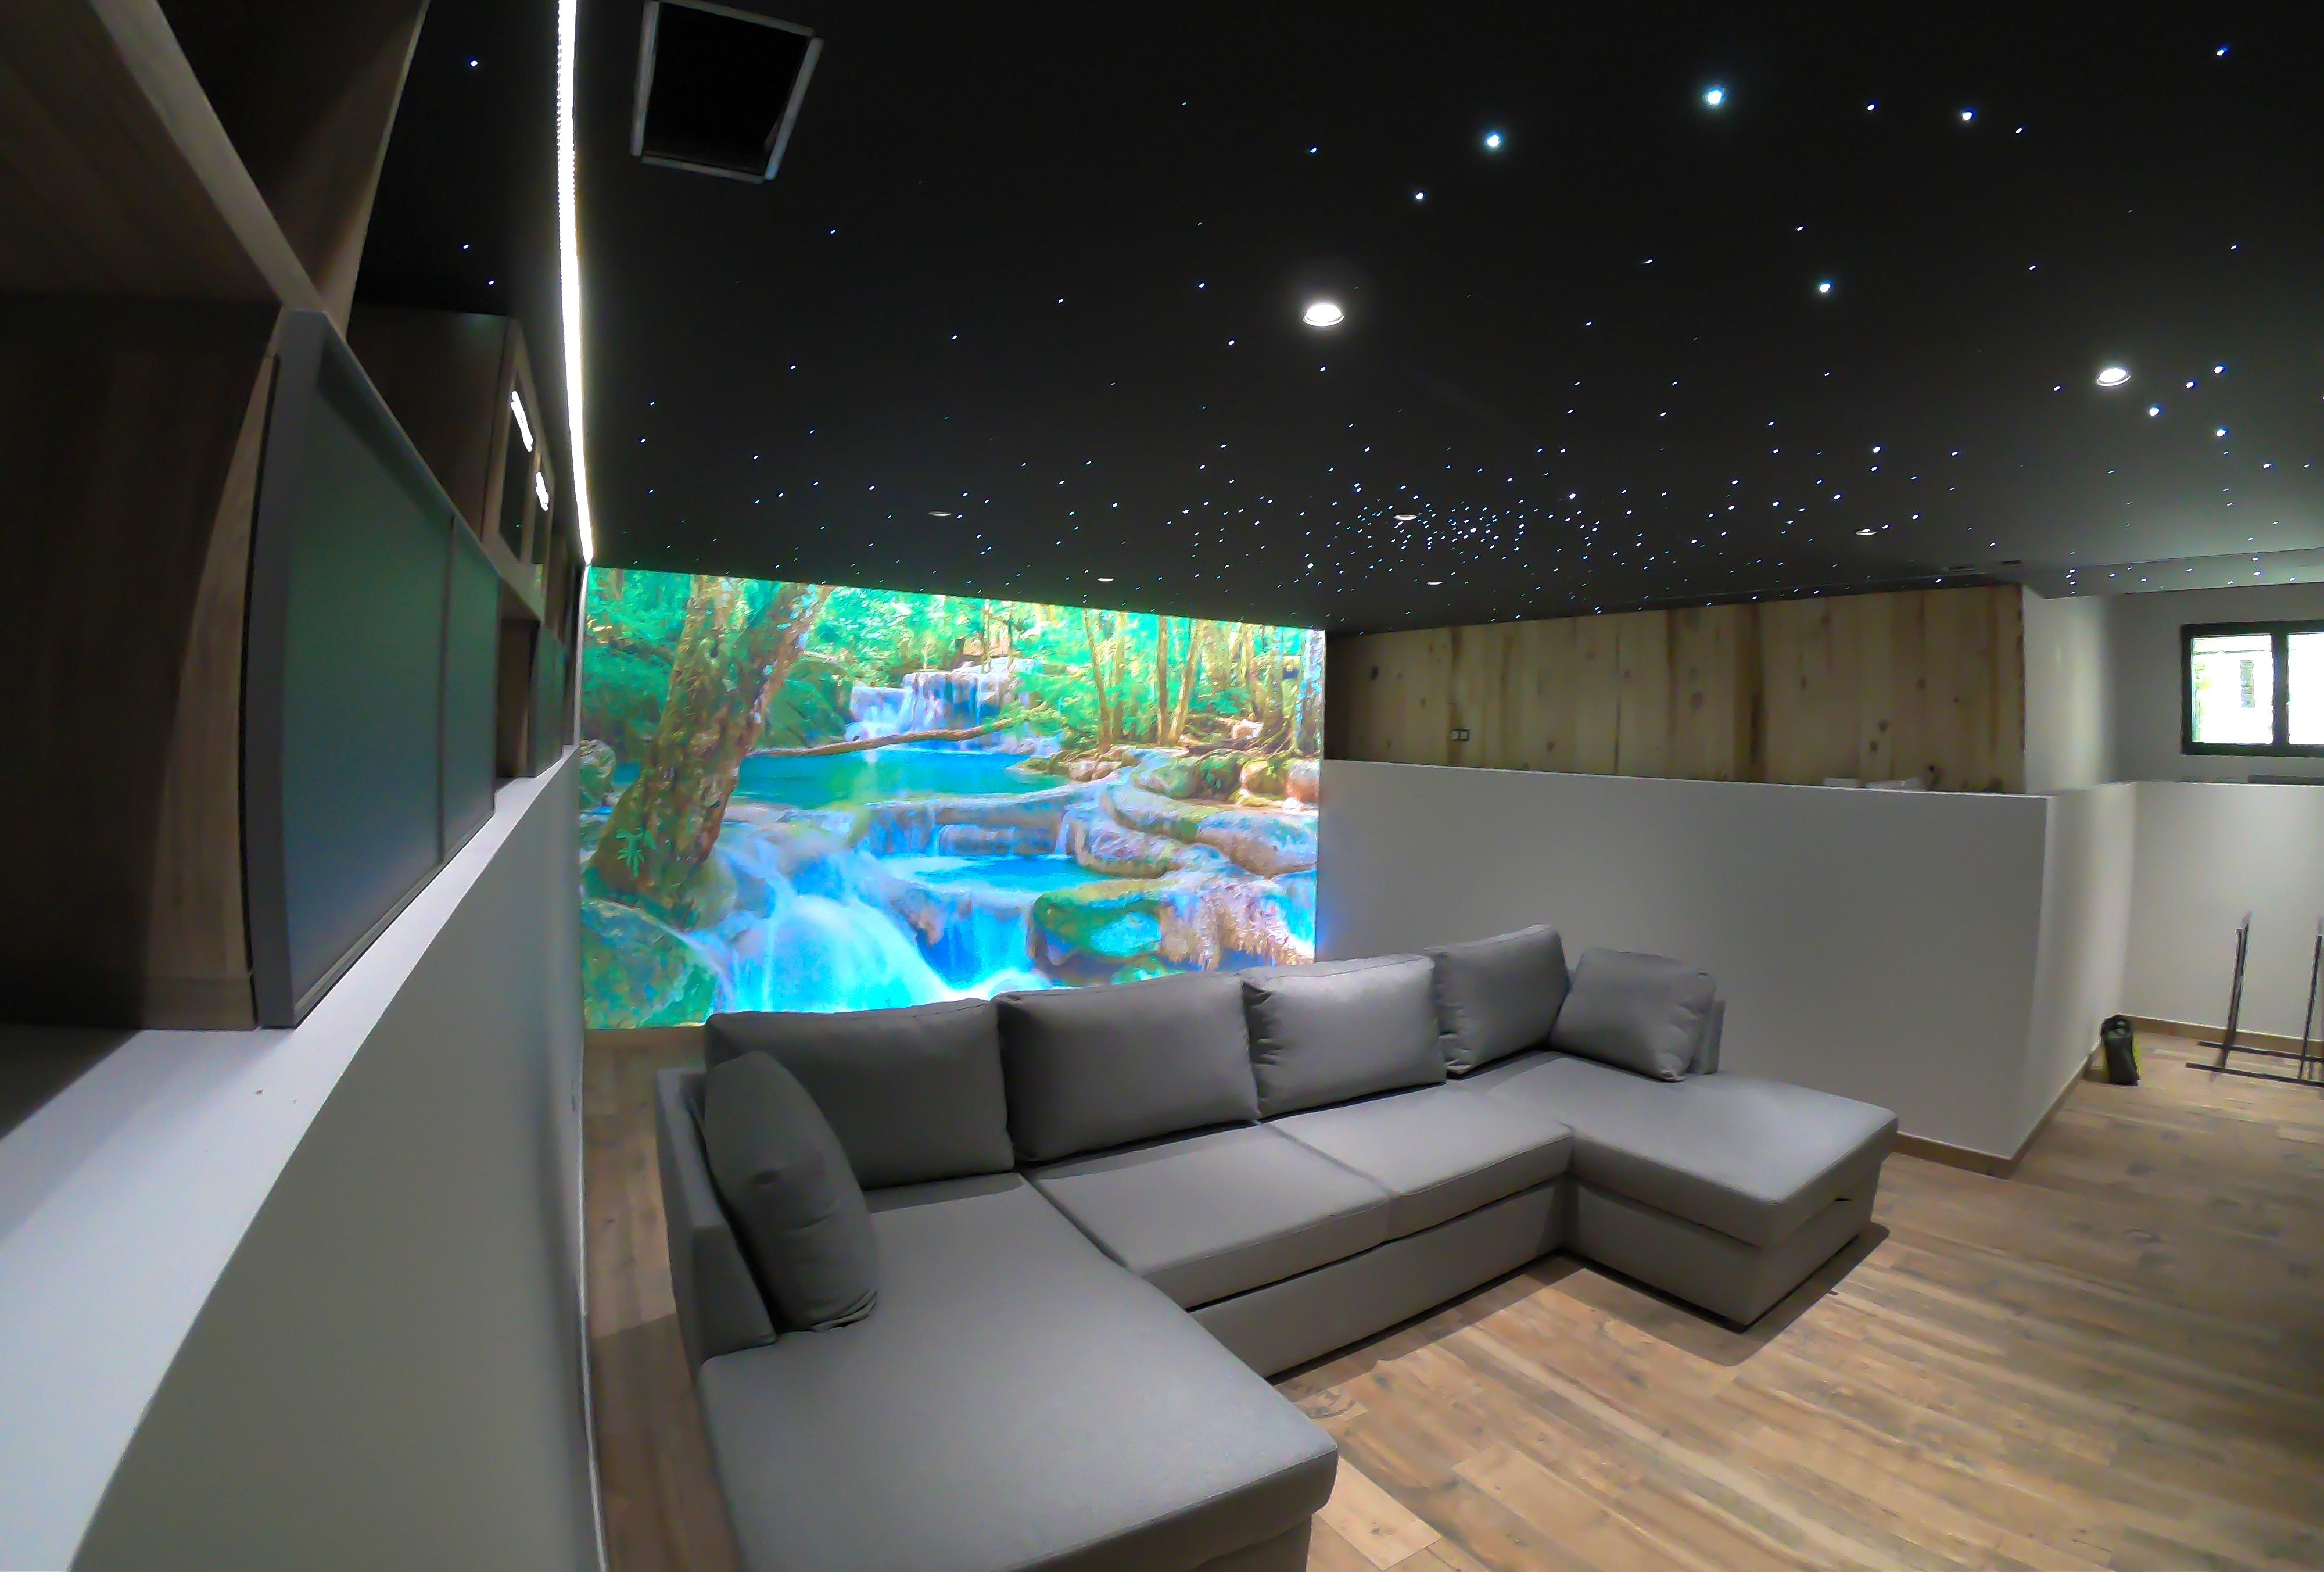 Ciel étoilé sur plafond tendu acoustique, décor rétro-éclairé, encastrement ruban LED.